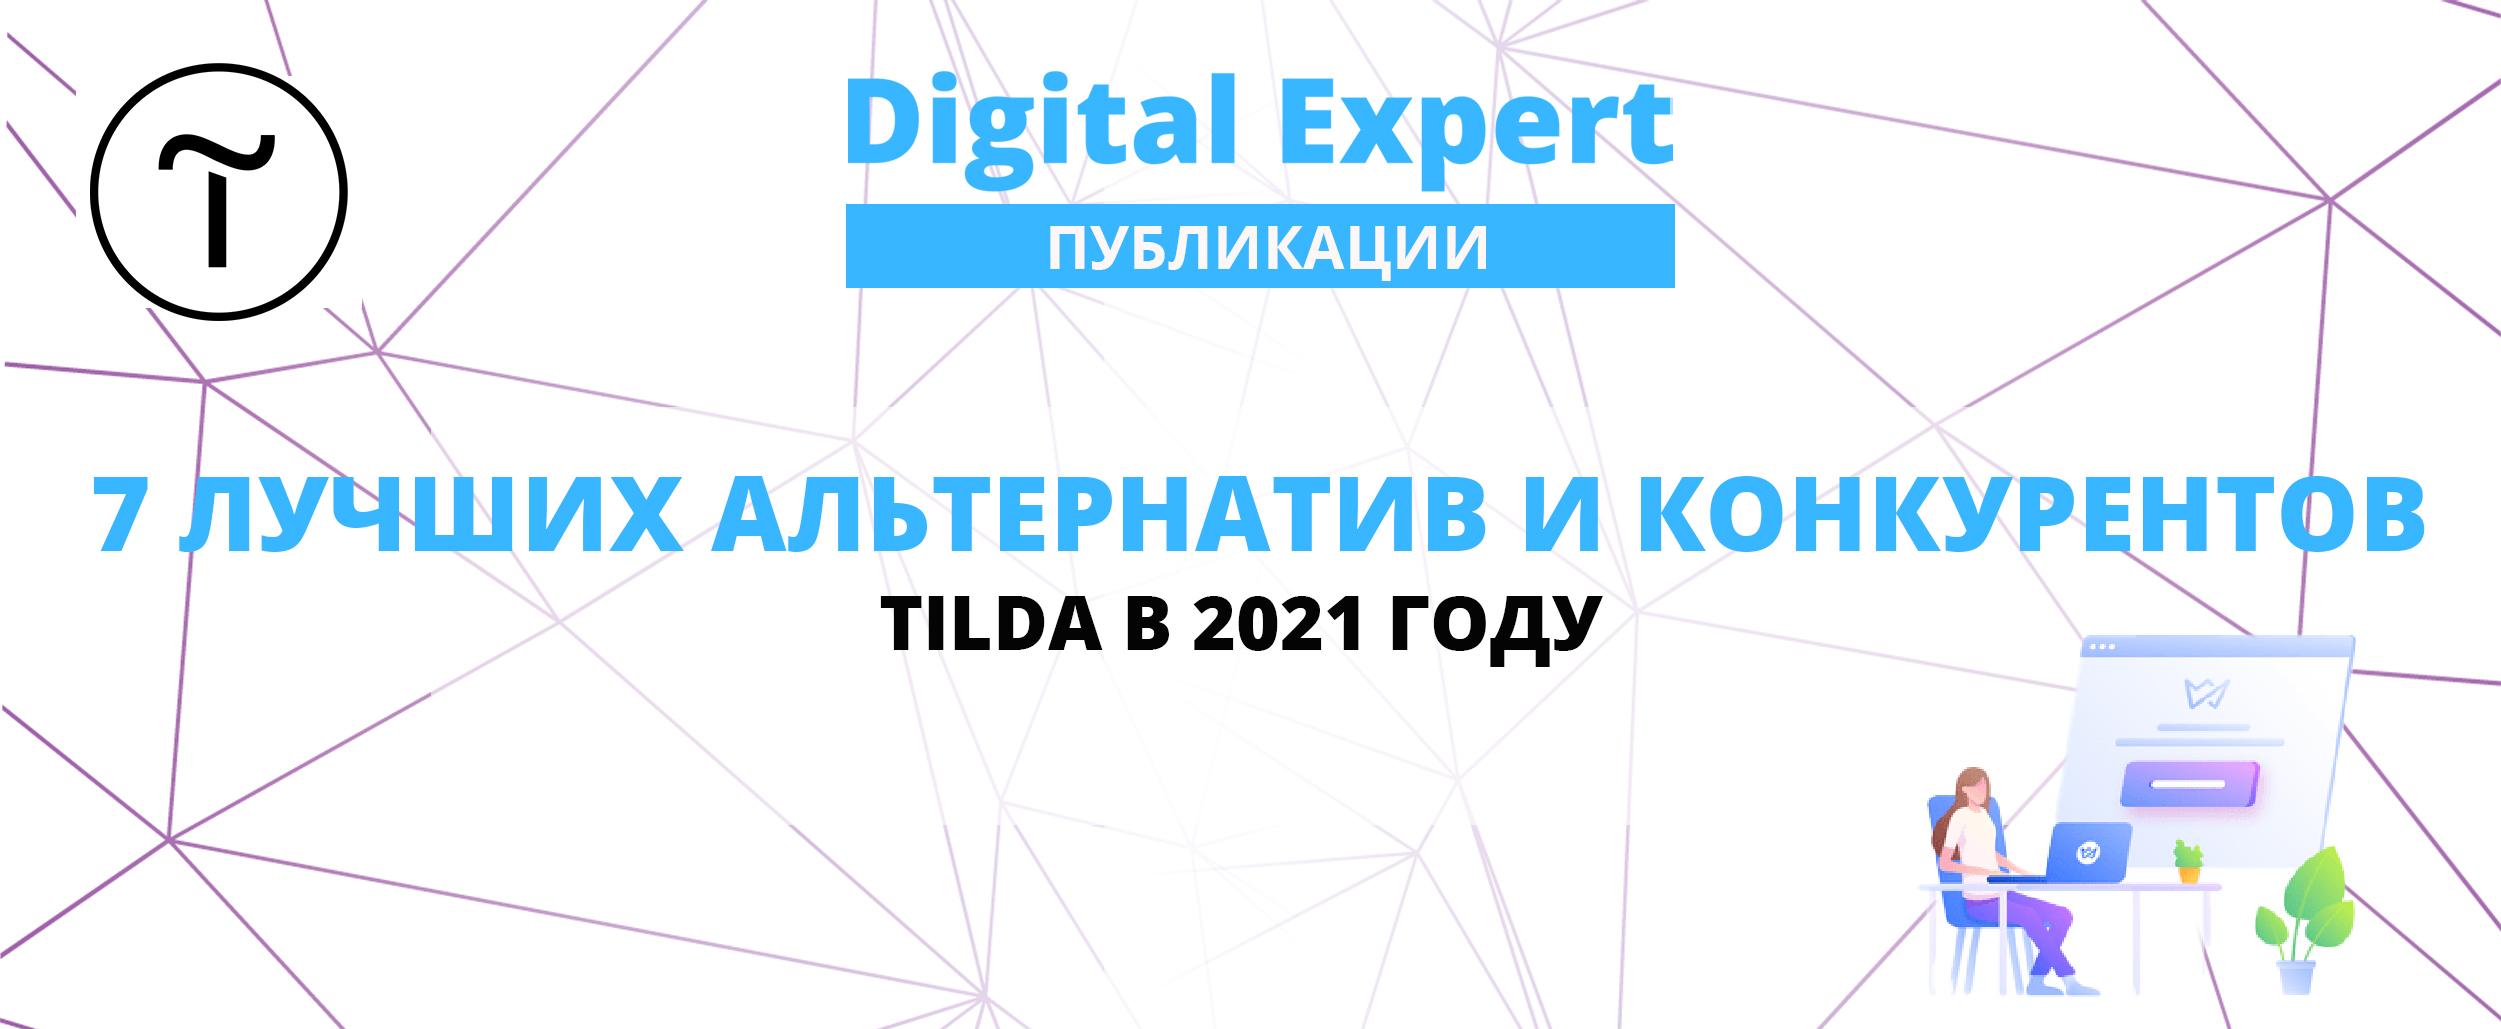 Топ альтернатив Tilda 2021